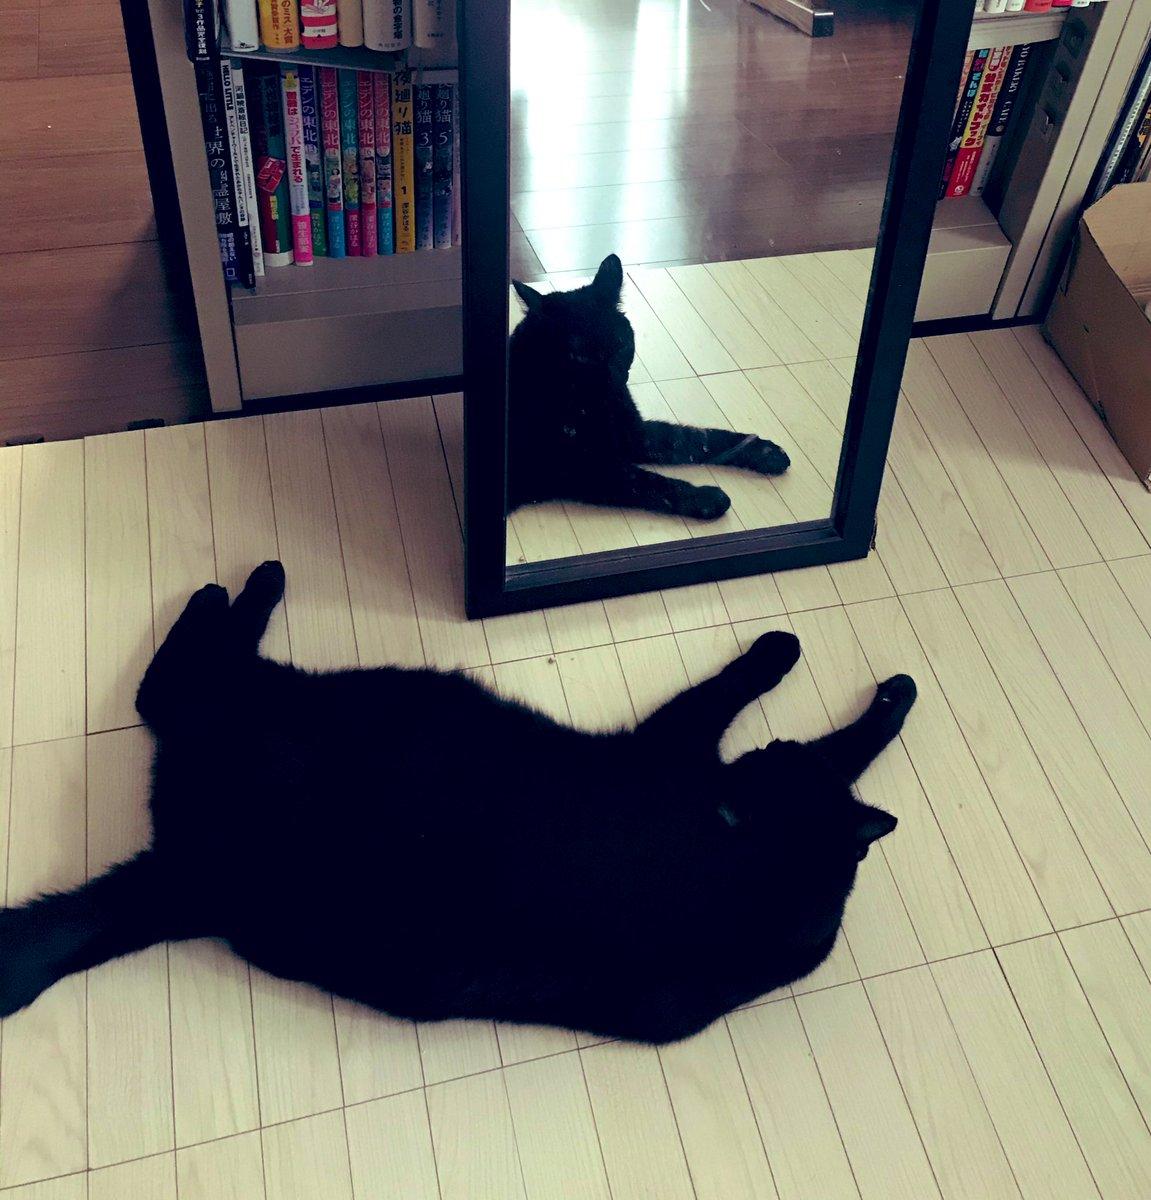 本人は横になってるのに、鏡の中は起きているみたいな写真撮れた。角度の違いだけど、不思議。